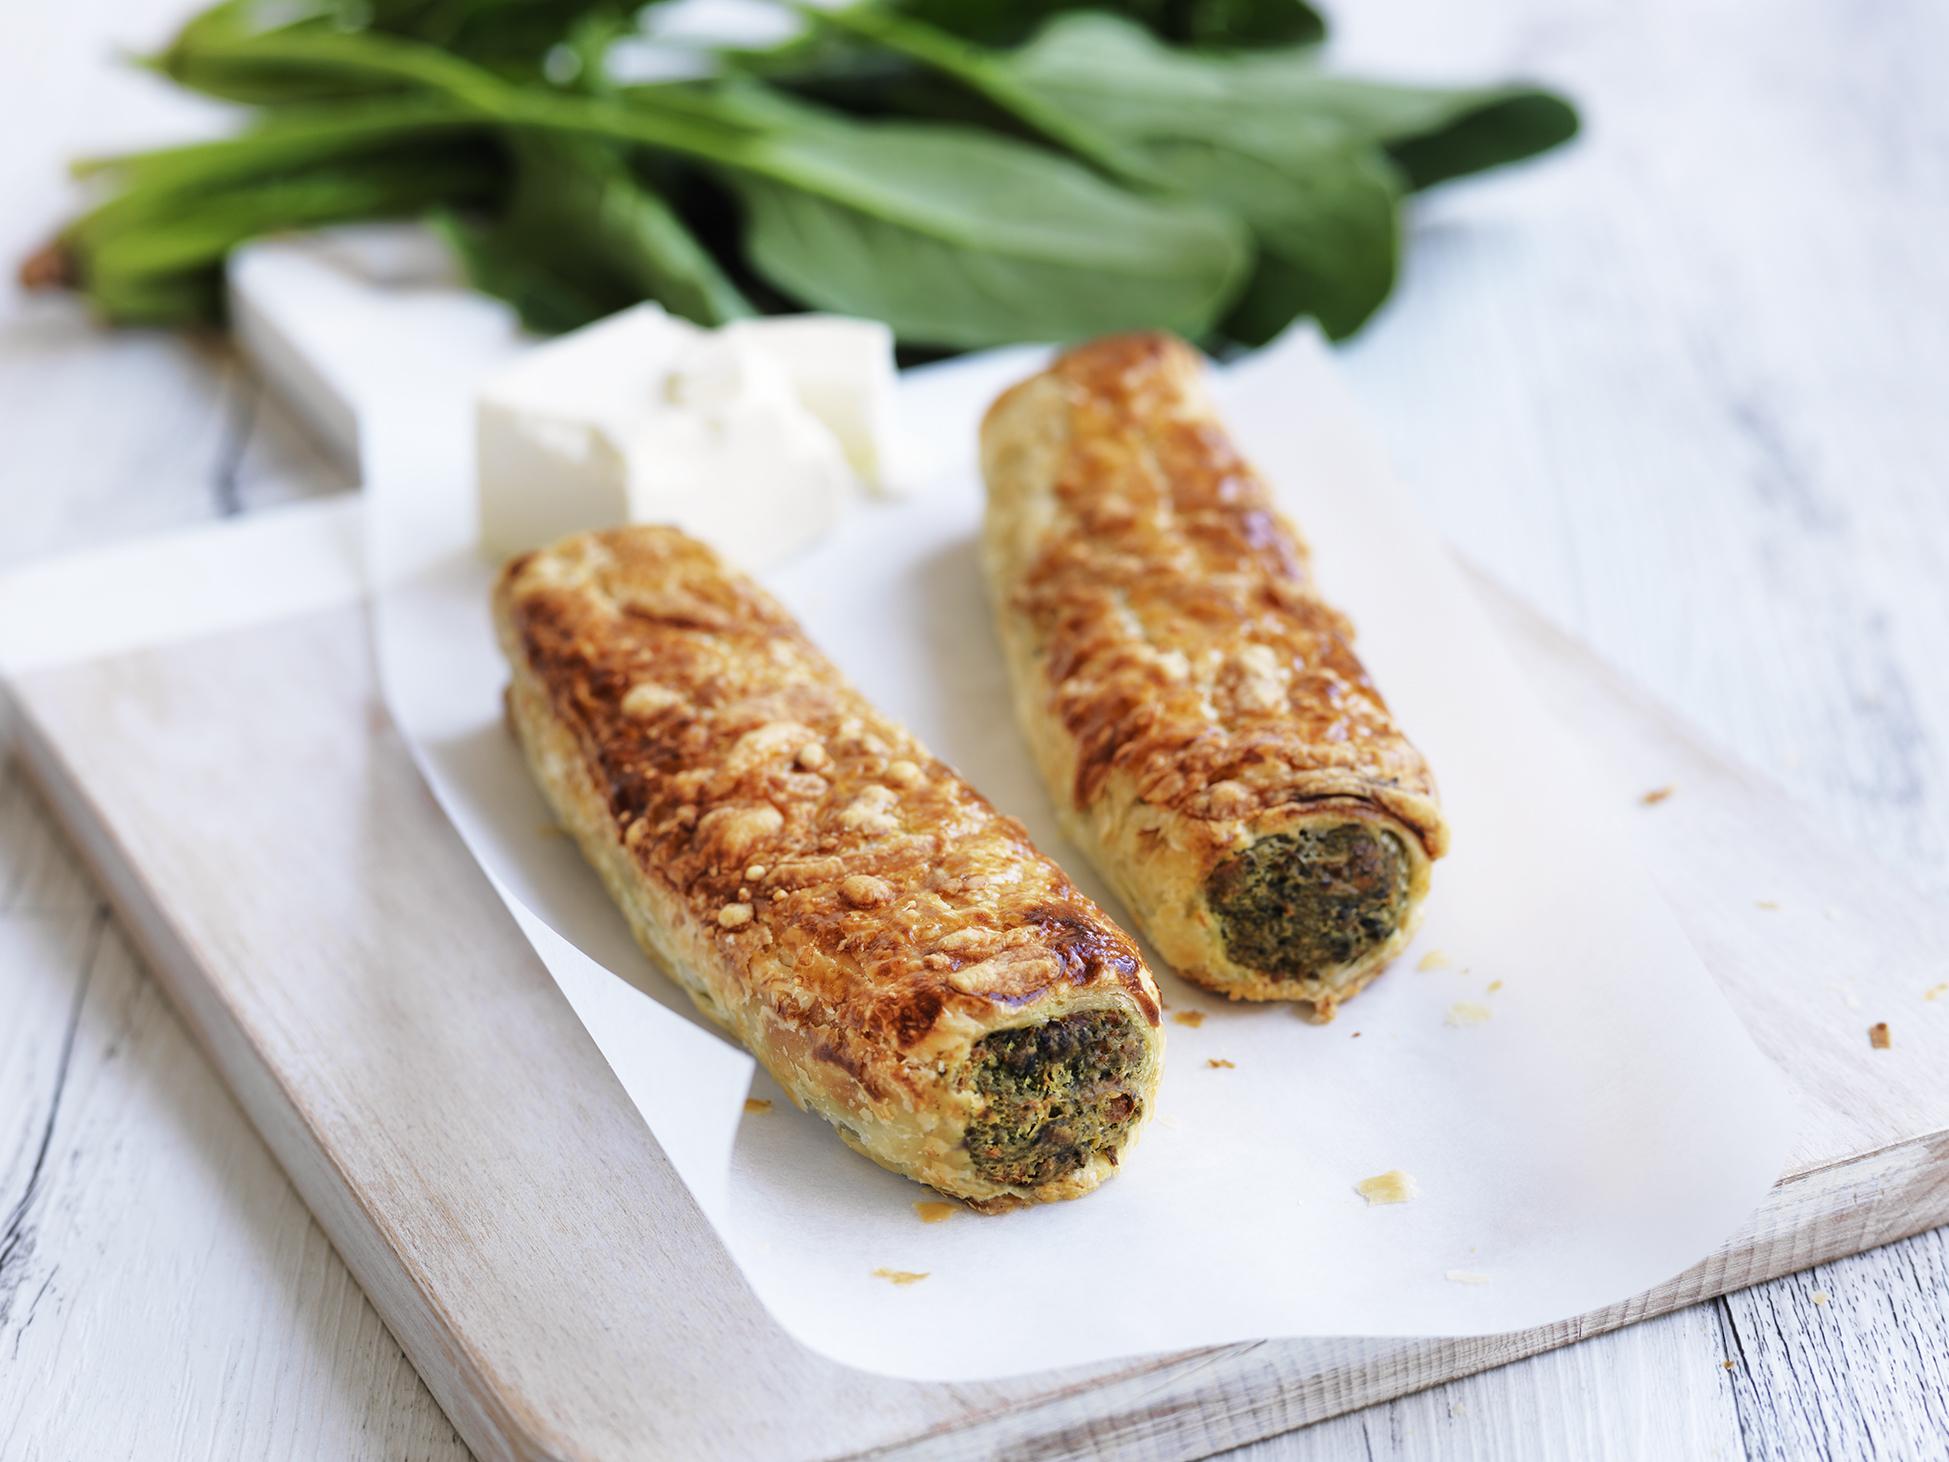 Spinach Feta Roll